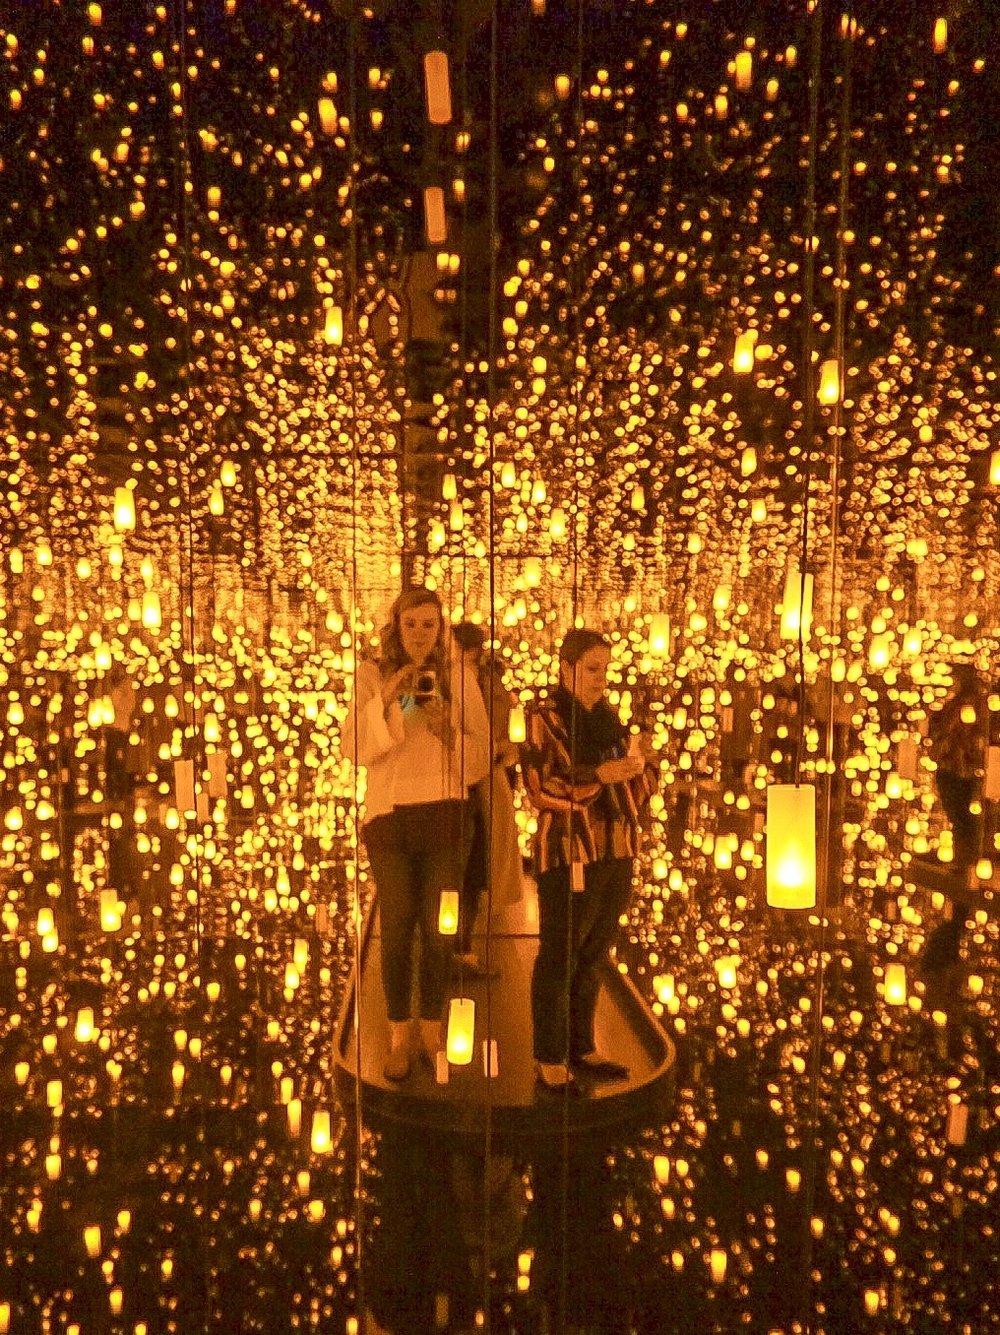 Yayoi+Kusama%2C+Infinity+Mirror%2C+High+Museum+of+Art%2C+Atlanta